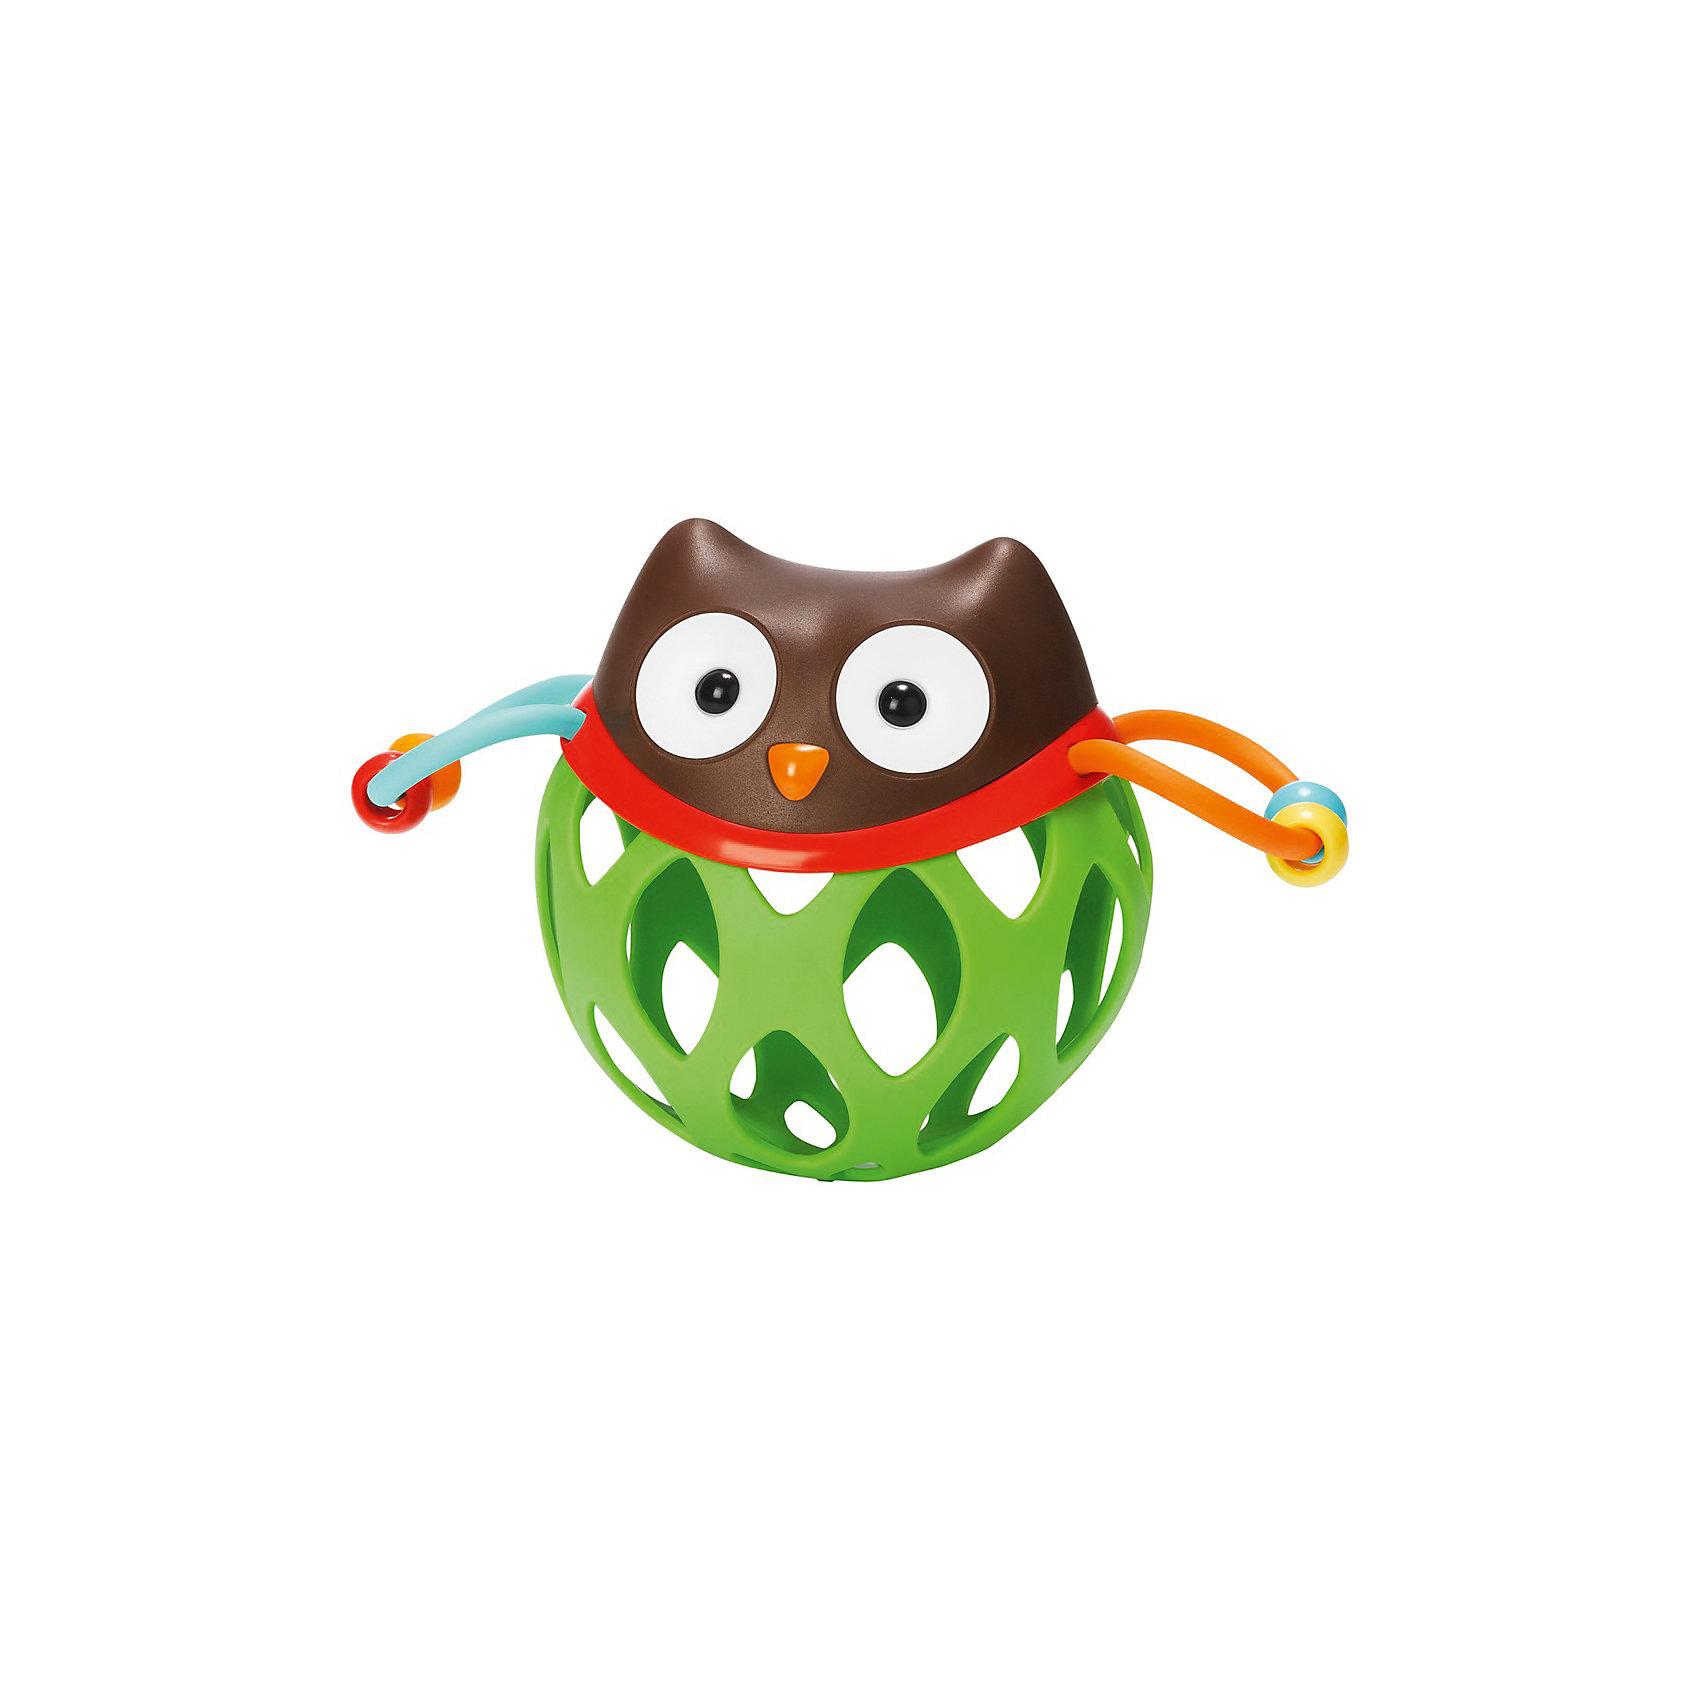 Игрушка-погремушка Шар-сова, Skip HopИгрушки для новорожденных<br>Характеристики товара:<br><br>• возраст от 3 месяцев;<br>• материал: пластик;<br>• размер игрушки 16х11х8,5 см;<br>• вес 130 гр.;<br>• страна производитель: Китай.<br><br>Игрушка-погремушка «Шар-сова» Skip Hop — развивающая игрушка для малышей от 3 месяцев, которую малыш может трясти, катать, трогать ручками. По бокам крылья совенка, сделанные из ниточки с нанизанными бусинами, которые свободно перемещаются. На корпусе имеются прорезиненные детали для прорезывания зубов. Игрушка изготовлена из качественного безвредного пластика. Игрушка способствует развитию хватательного рефлекса, мелкой моторики рук, тактильных ощущений.<br><br>Игрушку-погремушку «Шар-сова» Skip Hop можно приобрести в нашем интернет-магазине.<br><br>Ширина мм: 180<br>Глубина мм: 156<br>Высота мм: 96<br>Вес г: 116<br>Цвет: mehrfarbig<br>Возраст от месяцев: 1<br>Возраст до месяцев: 36<br>Пол: Унисекс<br>Возраст: Детский<br>SKU: 3971271